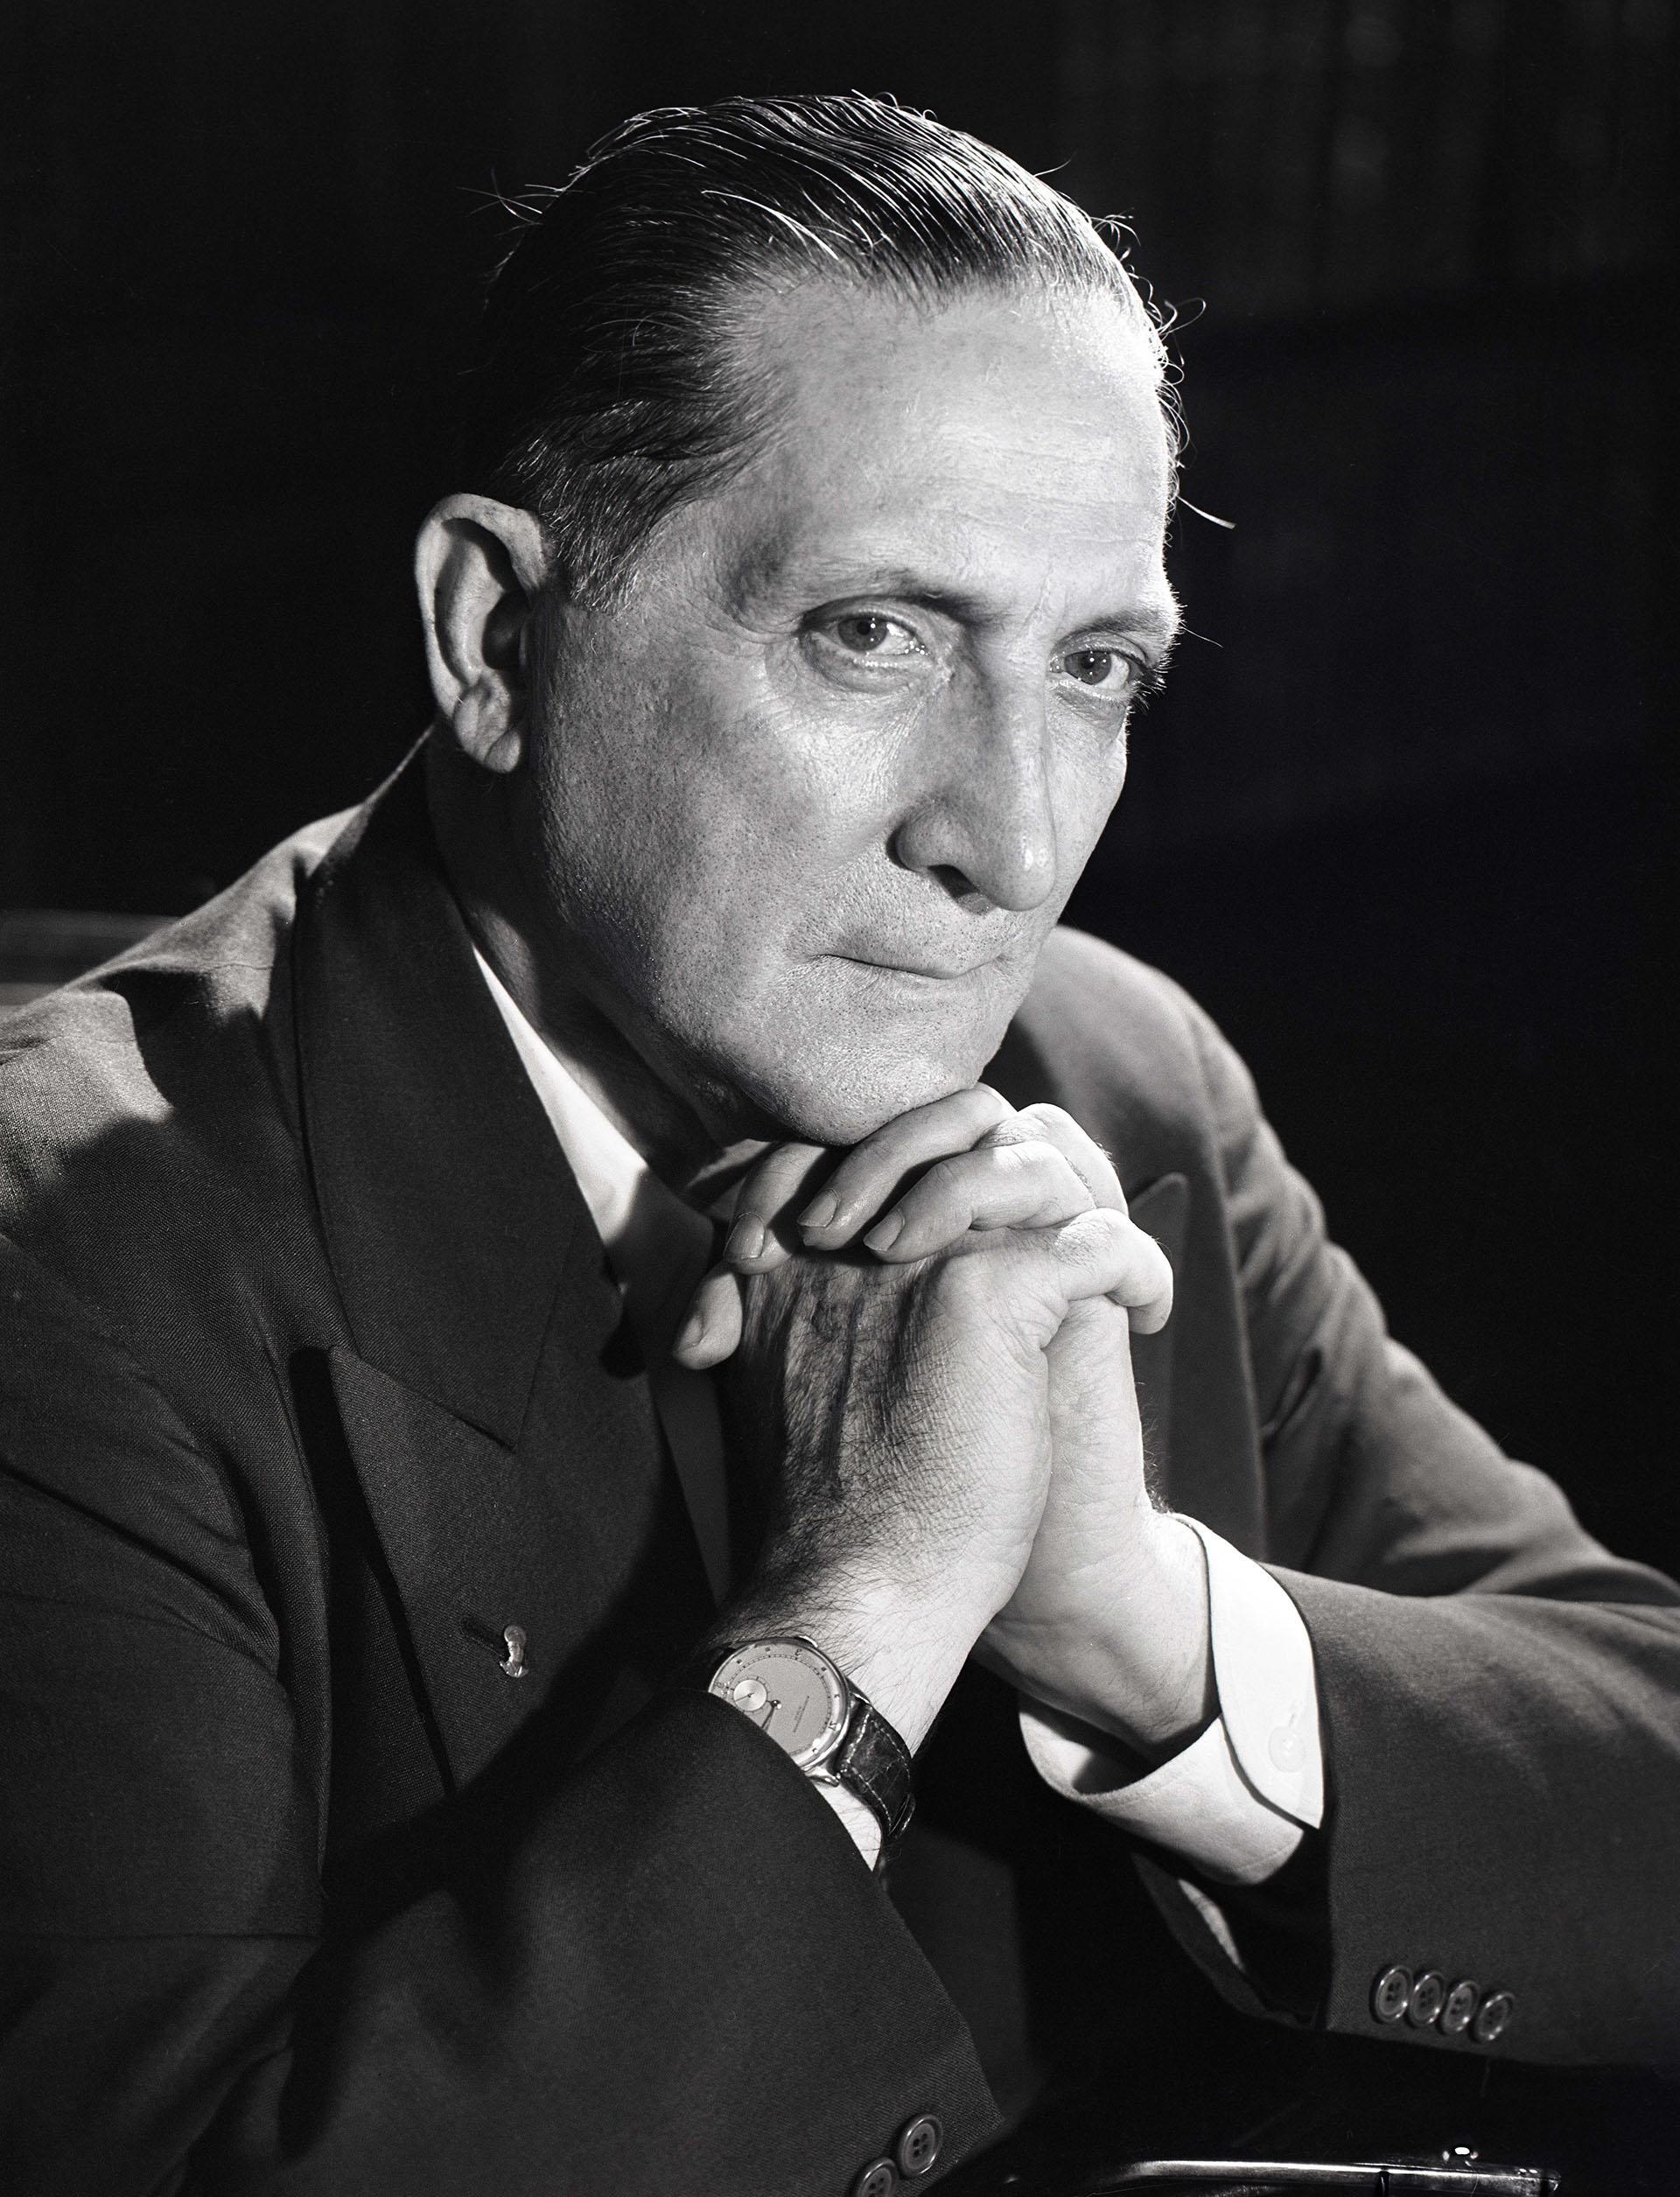 """Alberto Teisaire, el vice de Juan Domingo Perón que apoyó a la Revolución Libertadora: """"Él no gobernaba, ordenaba"""" - Infobae"""